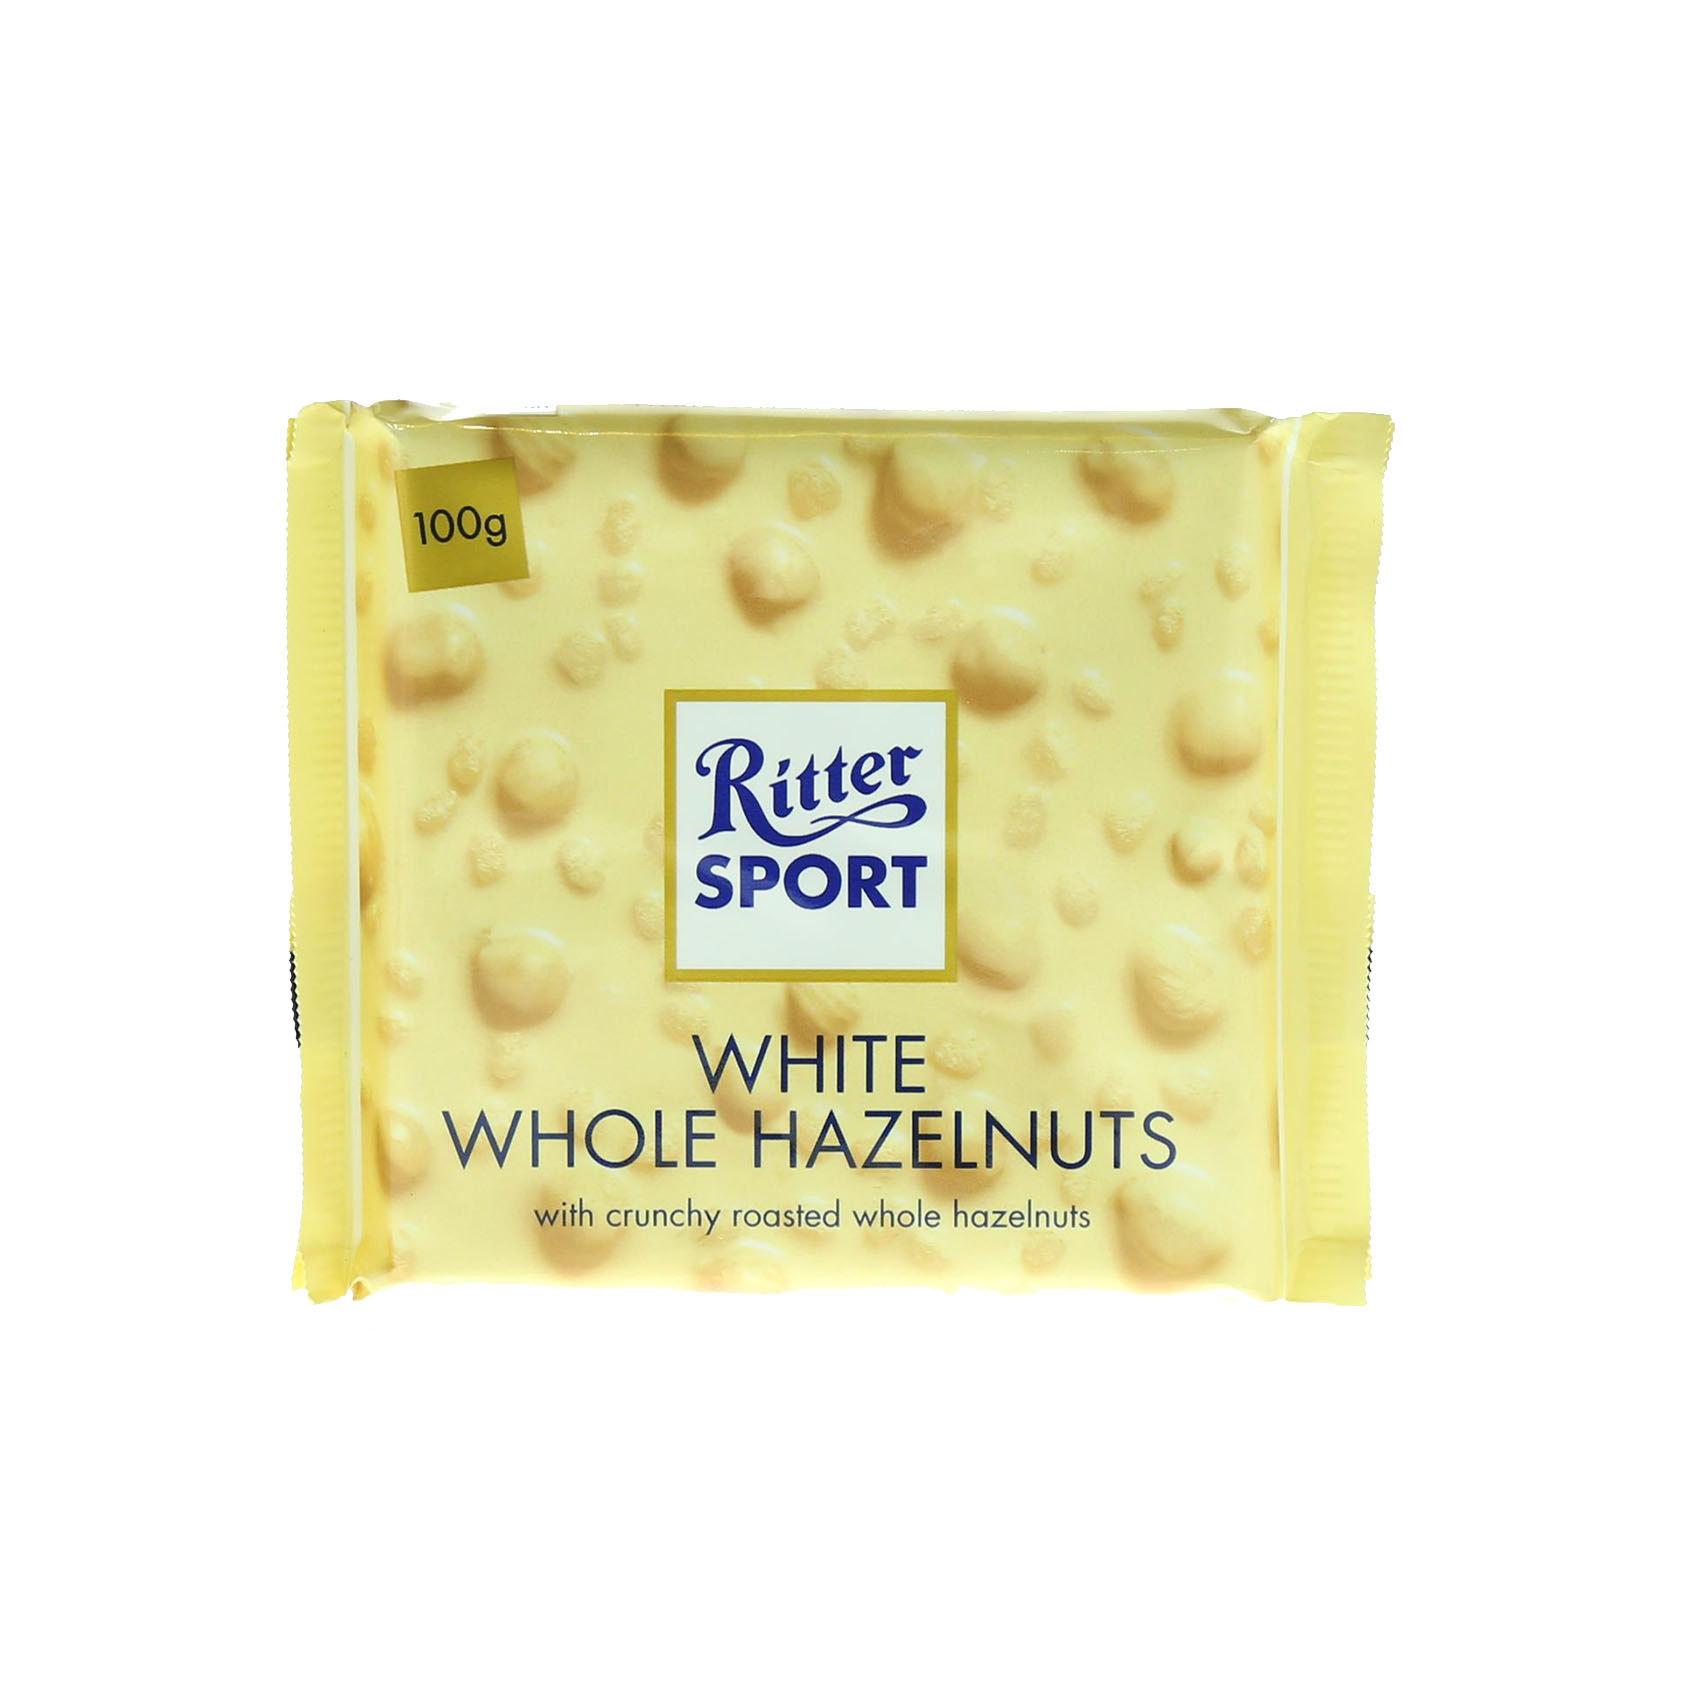 RITTER SPORT NUTS&CRISPY RICE 100GR